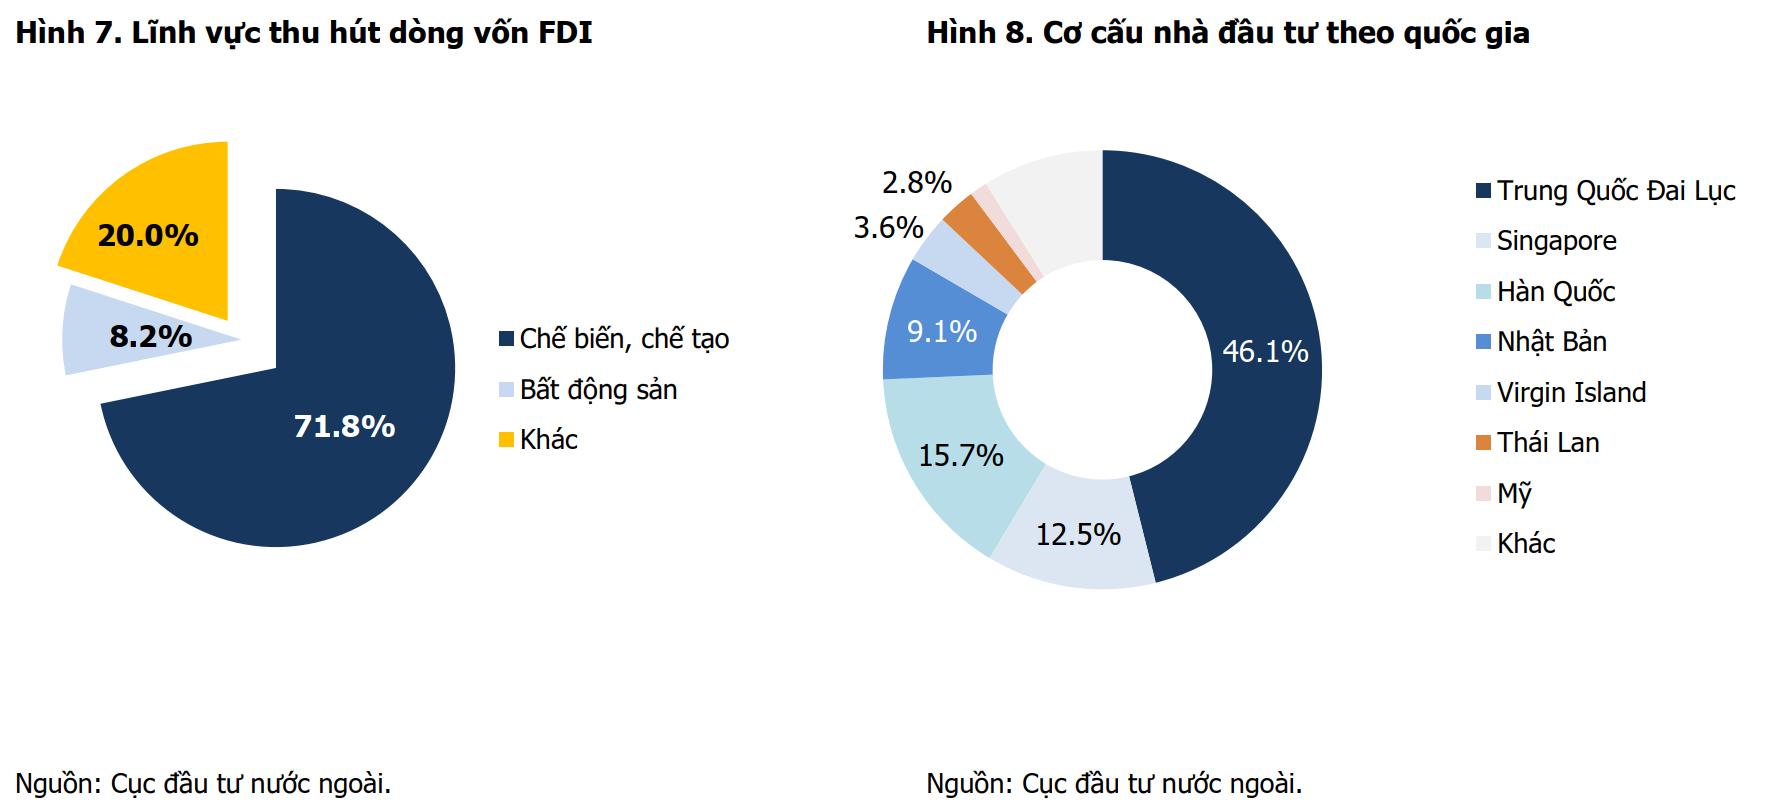 Lĩnh vực thu hút dòng vốn FDI